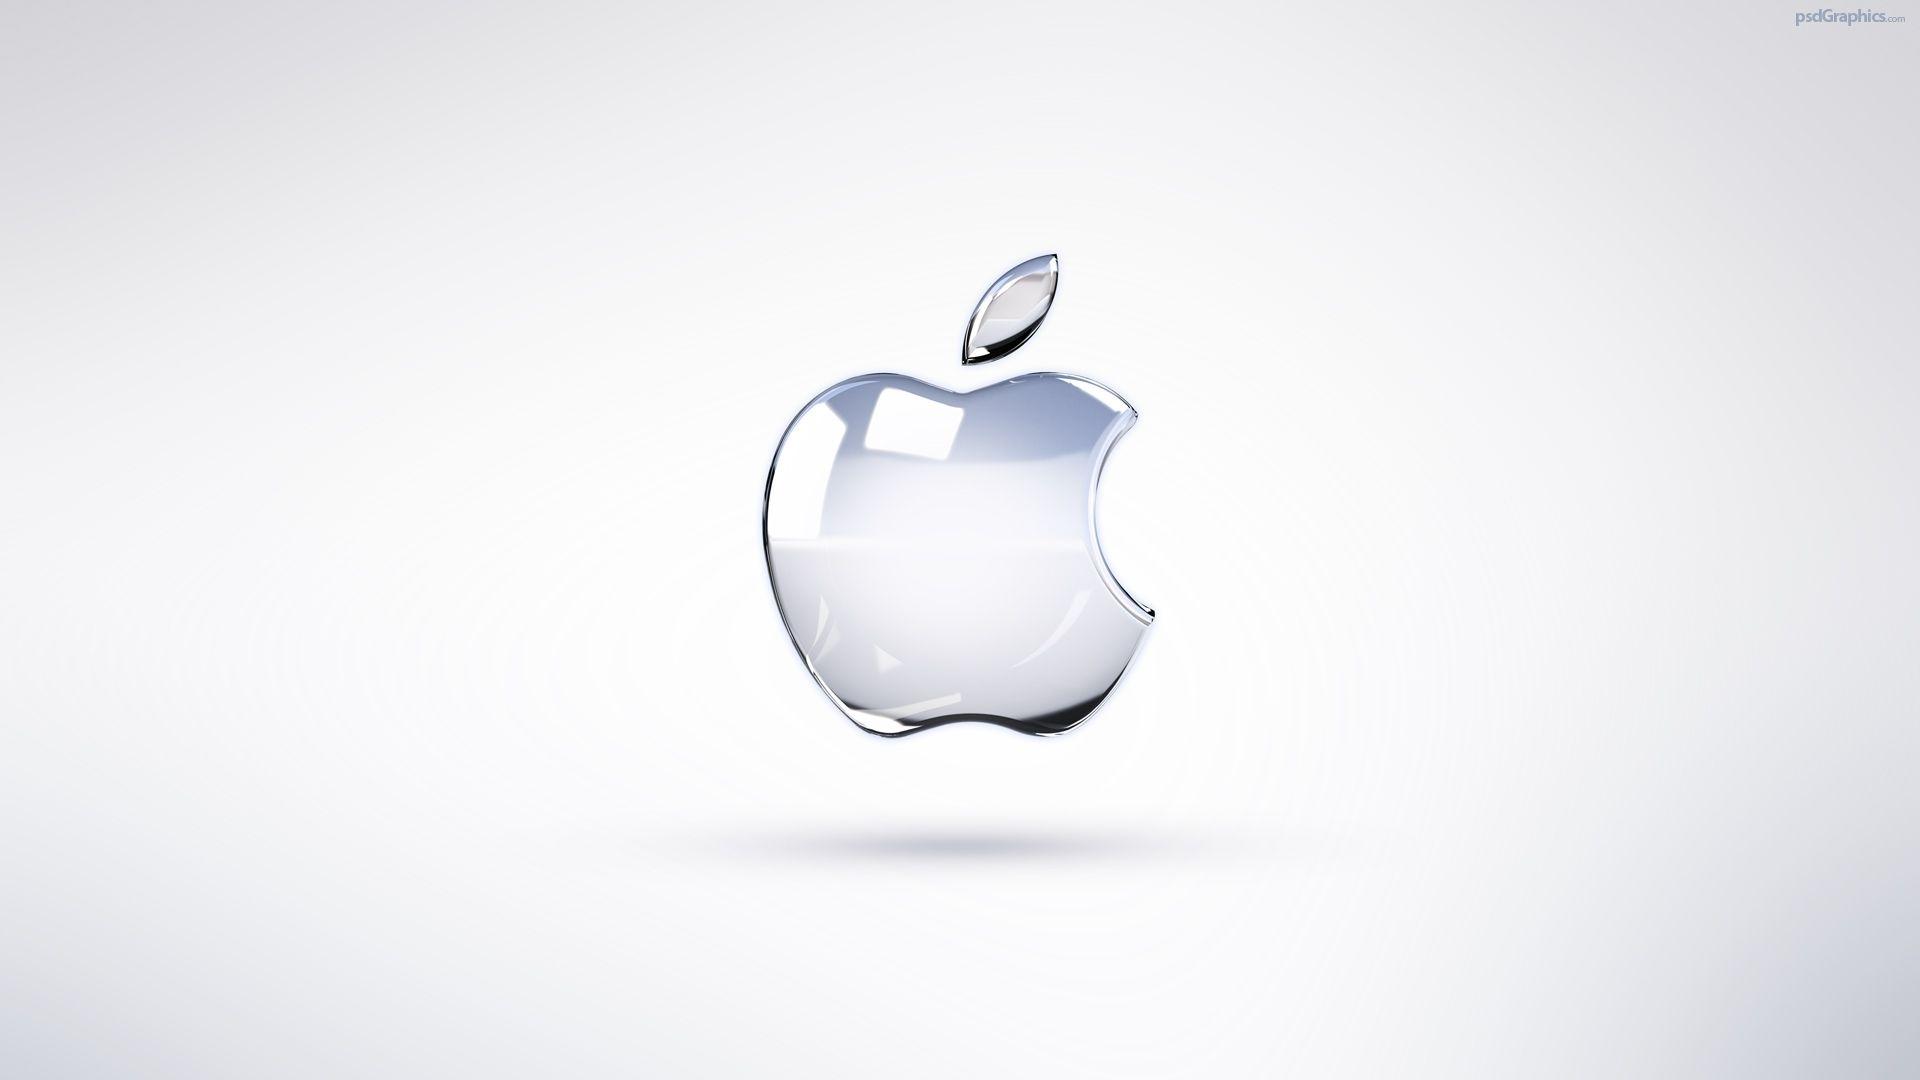 apple hd wallpaper | apple hd wallpaper | apple hd wallpaper | pinterest